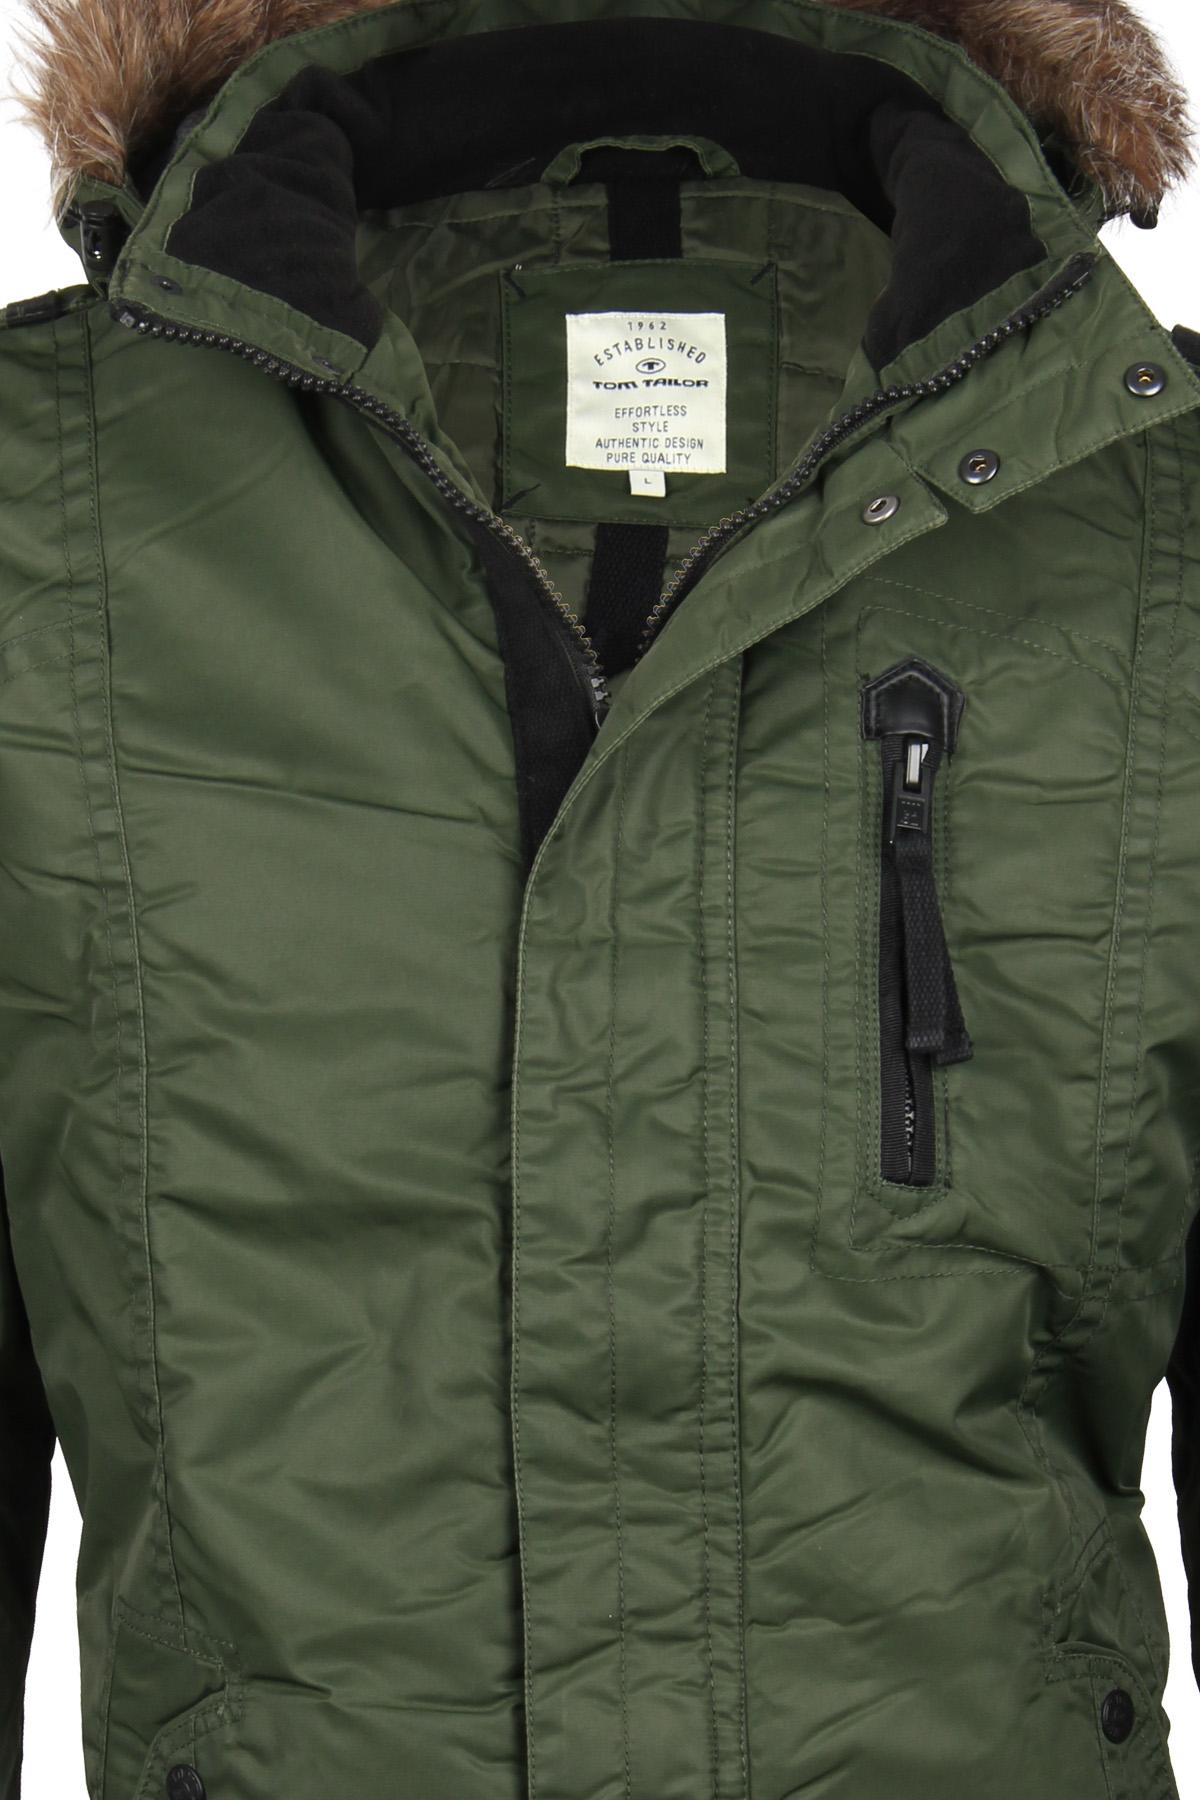 Tom tailor herren jacke grun – Modische Jacken dieser Saison Foto-Blog 0da166d61c